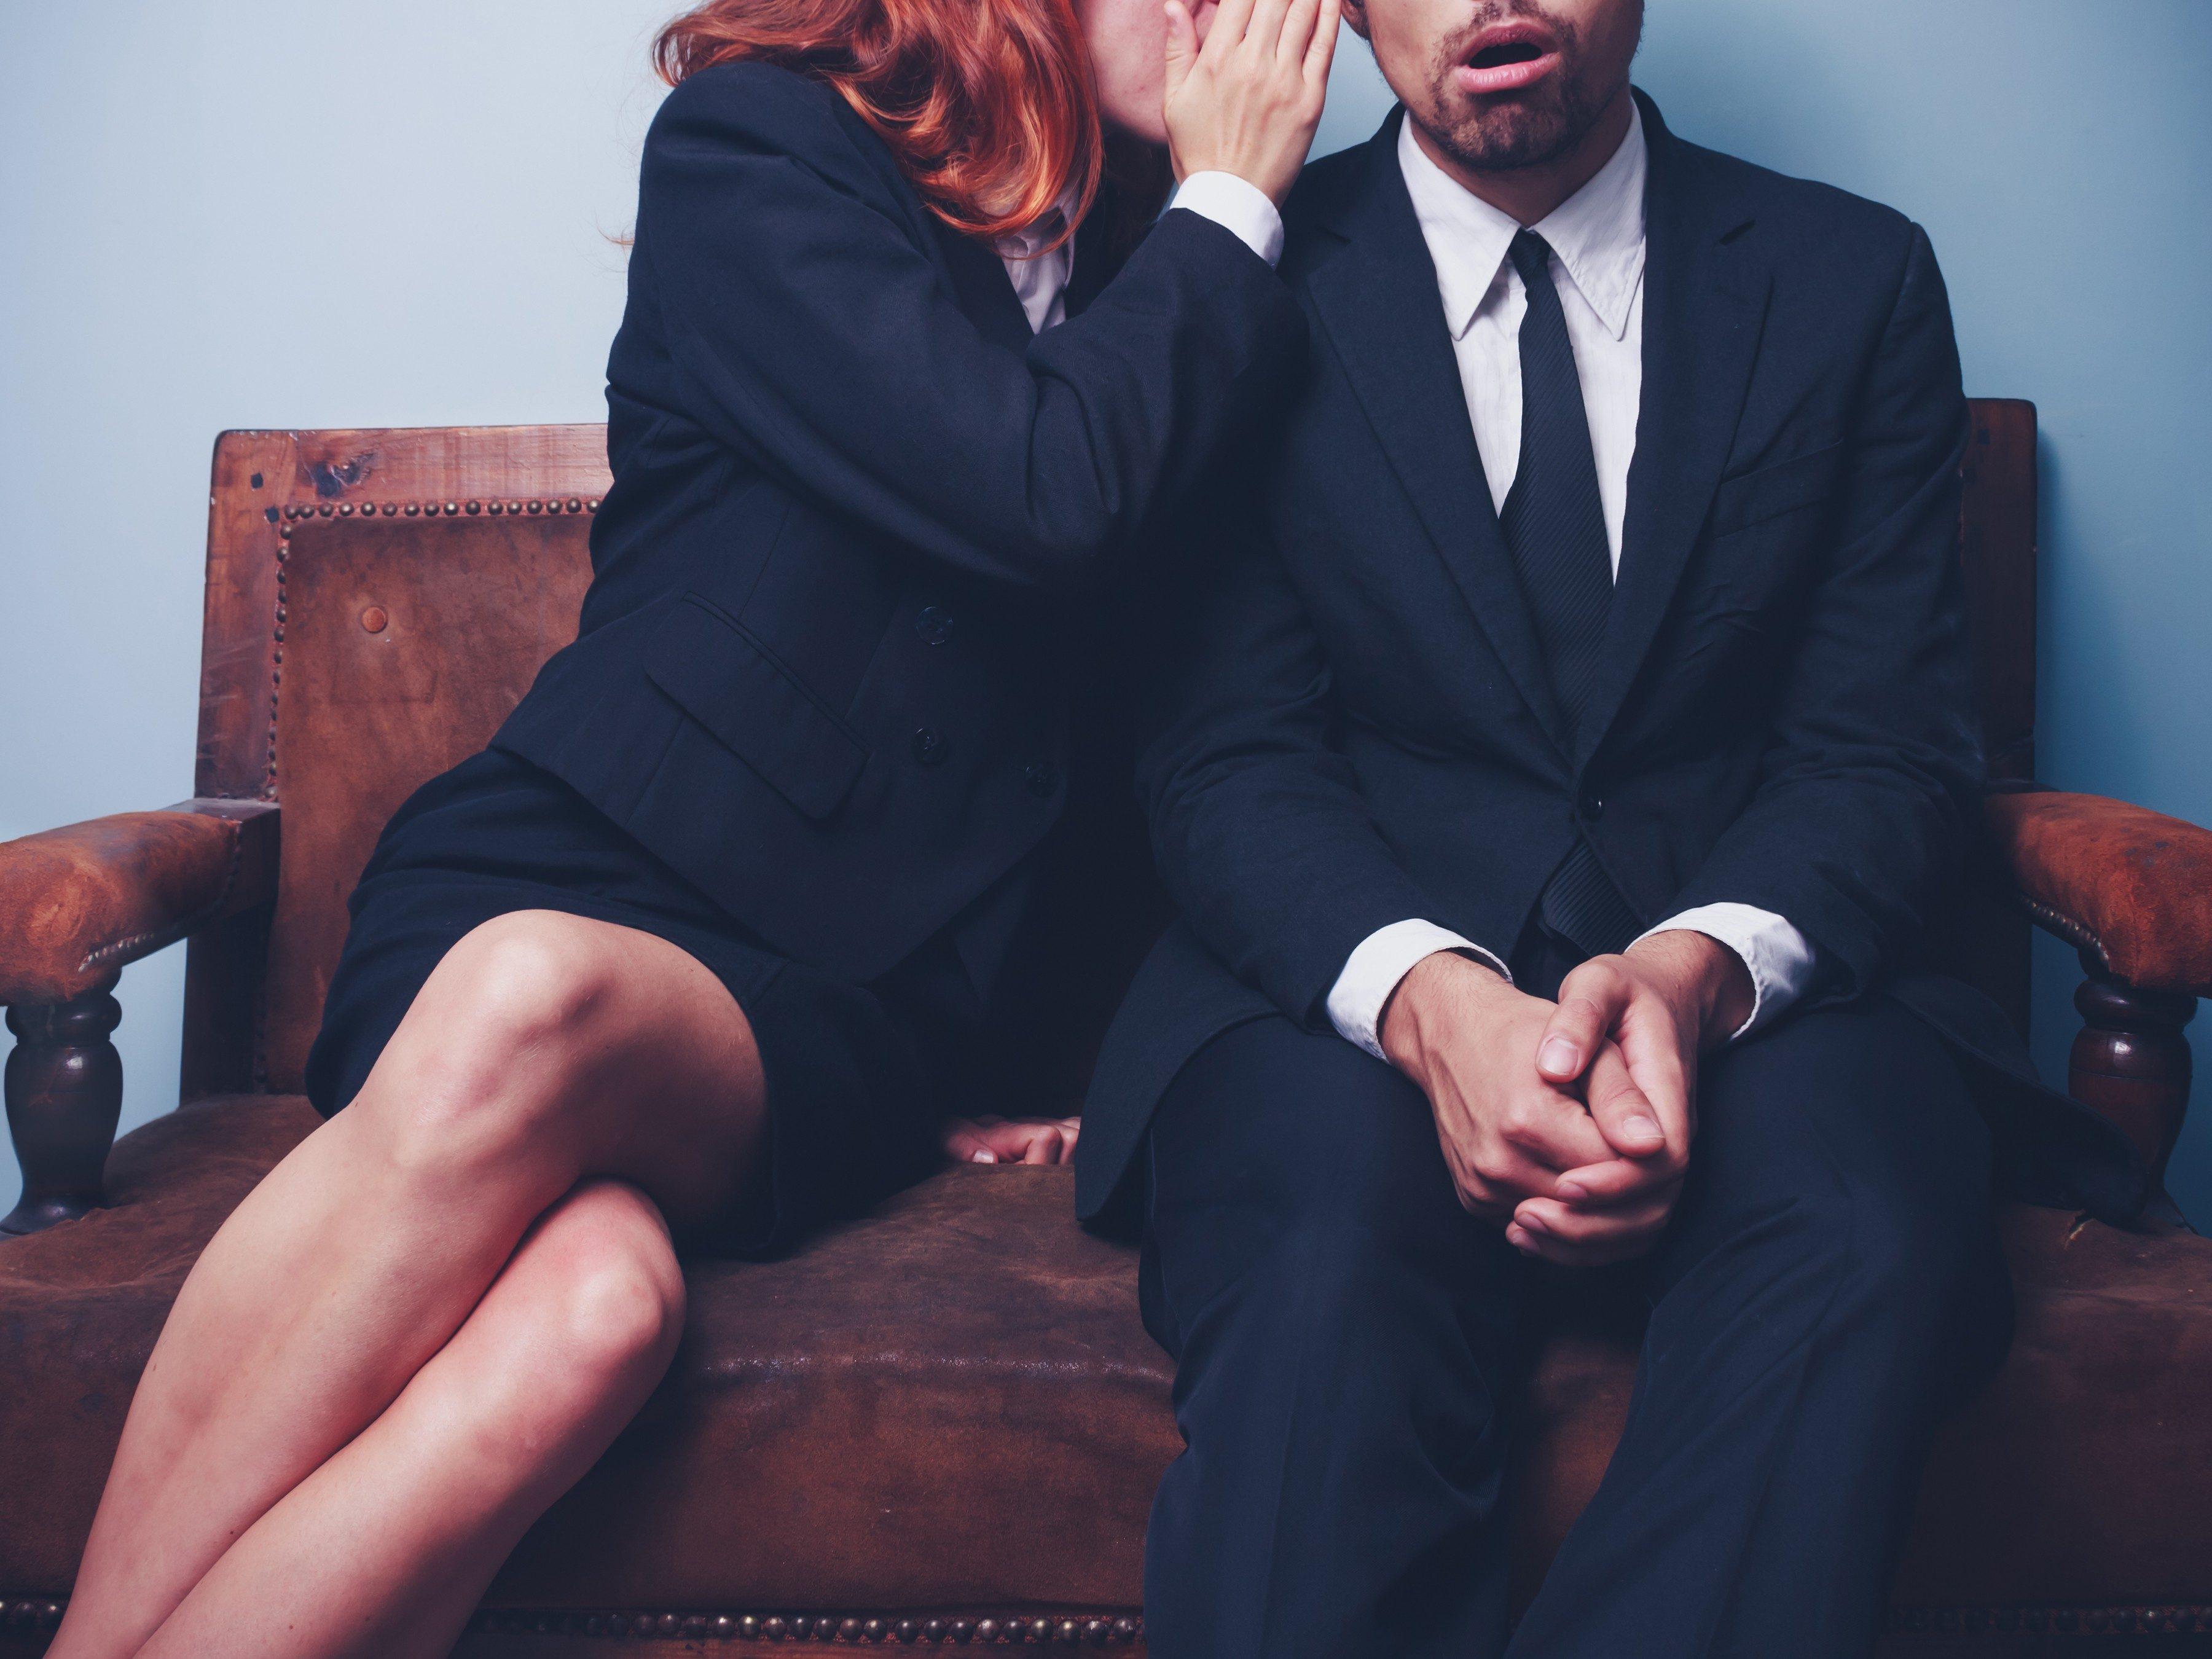 6. Avoid Gossip